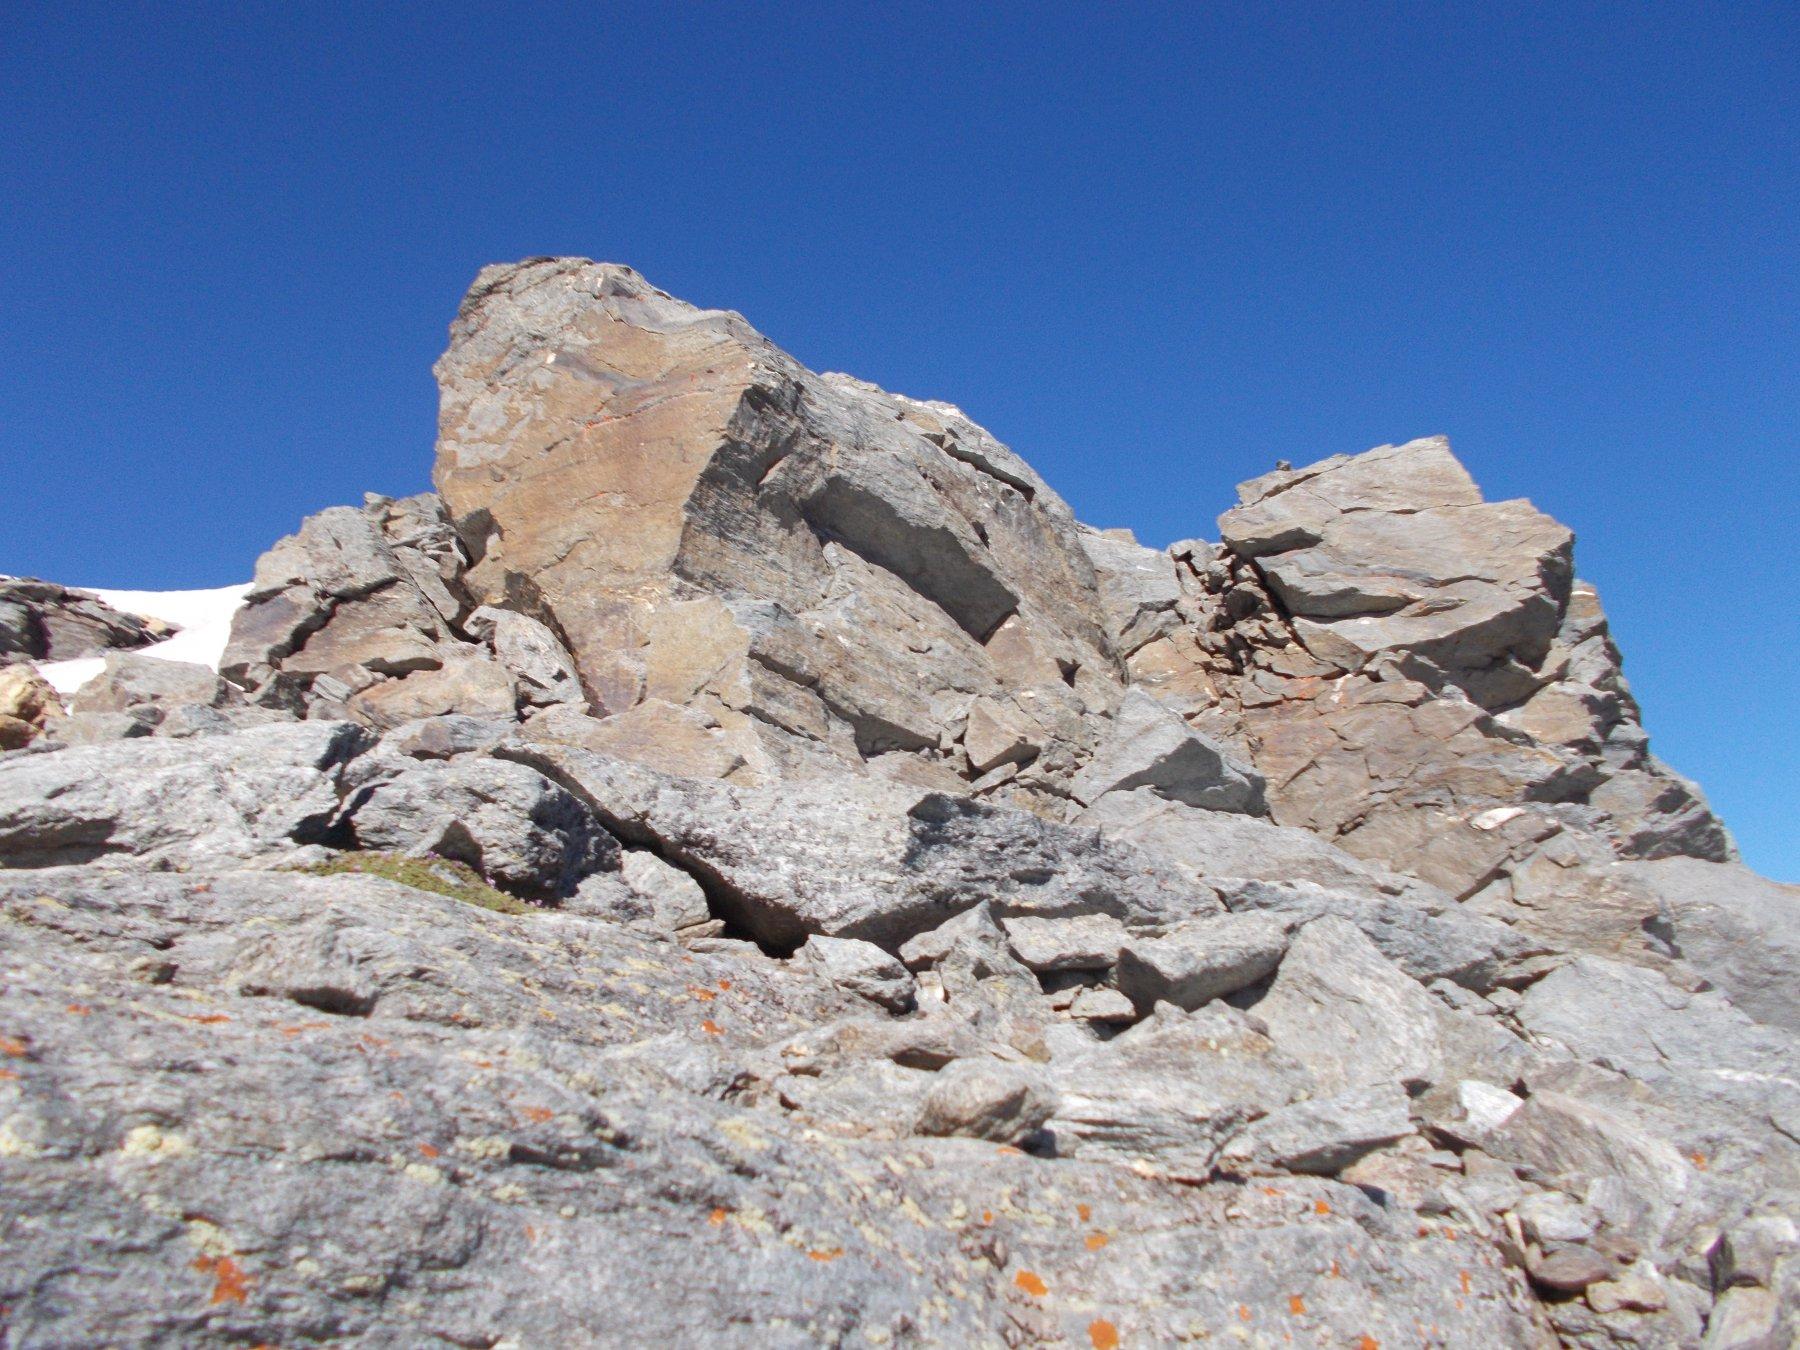 il tratto arrampicabile oltre l'avvallamento di cresta prima dell'anticima..